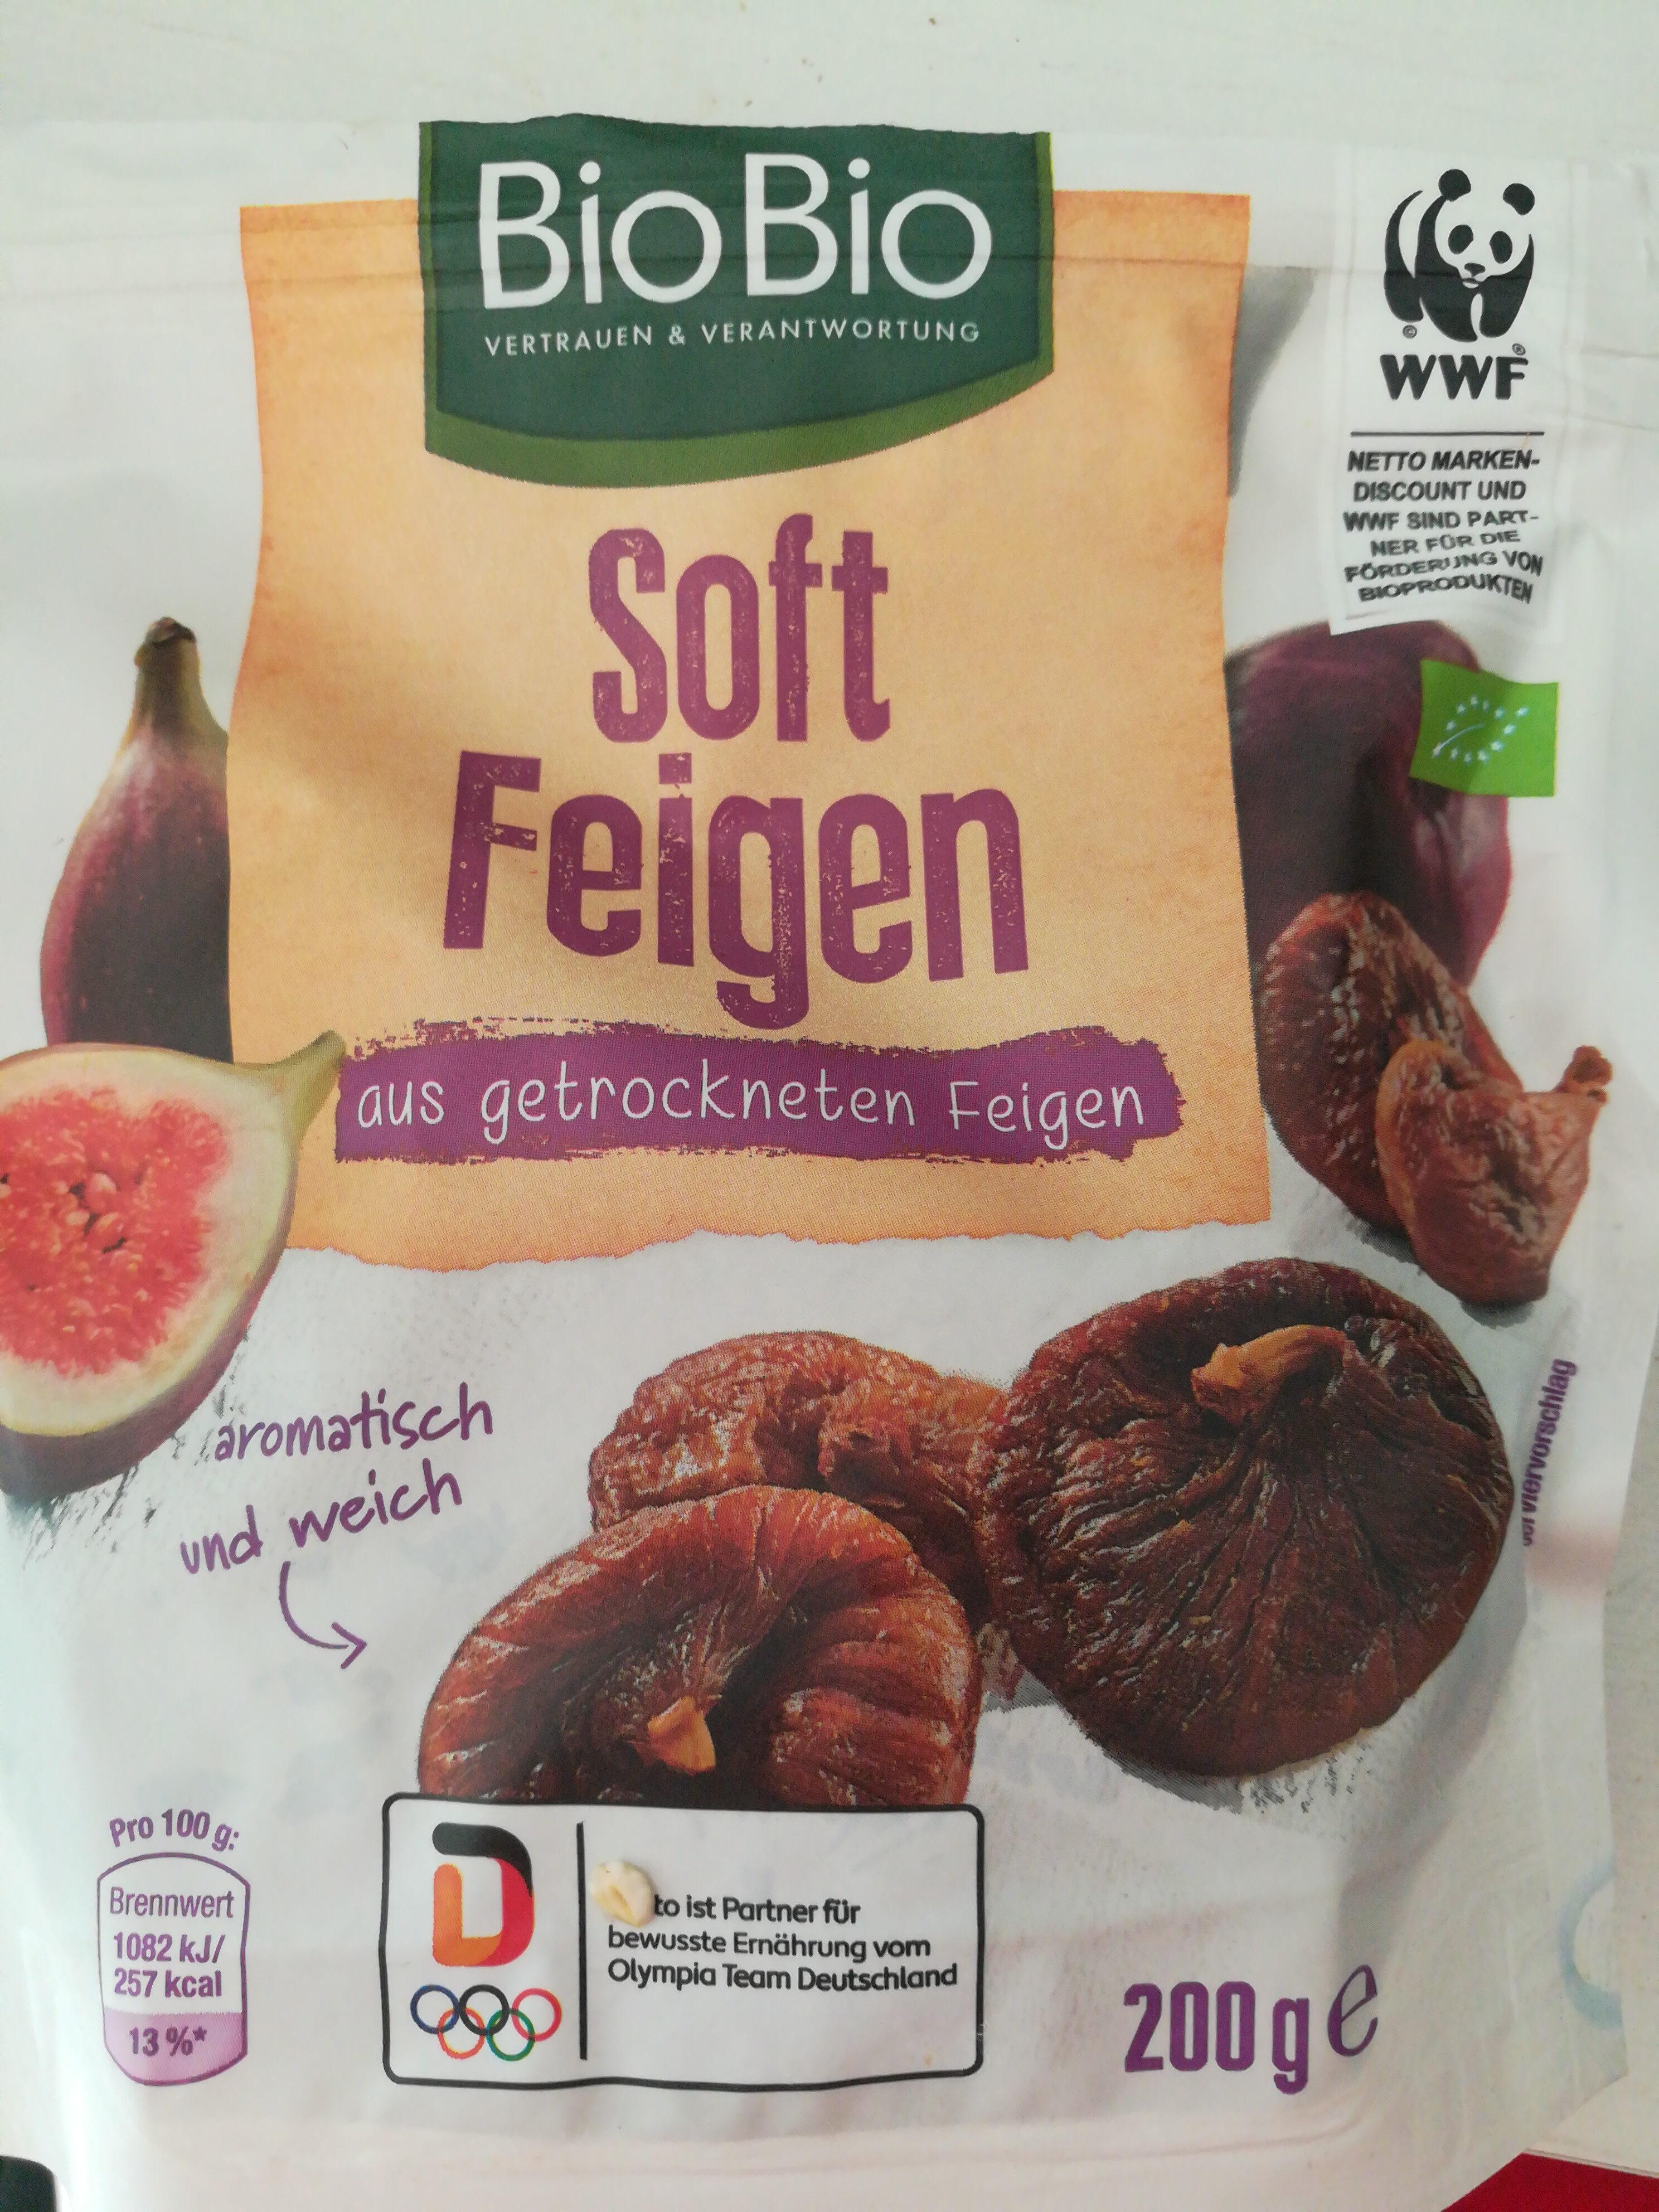 Soft Feigen aus getrockneten Feigen - Produit - de